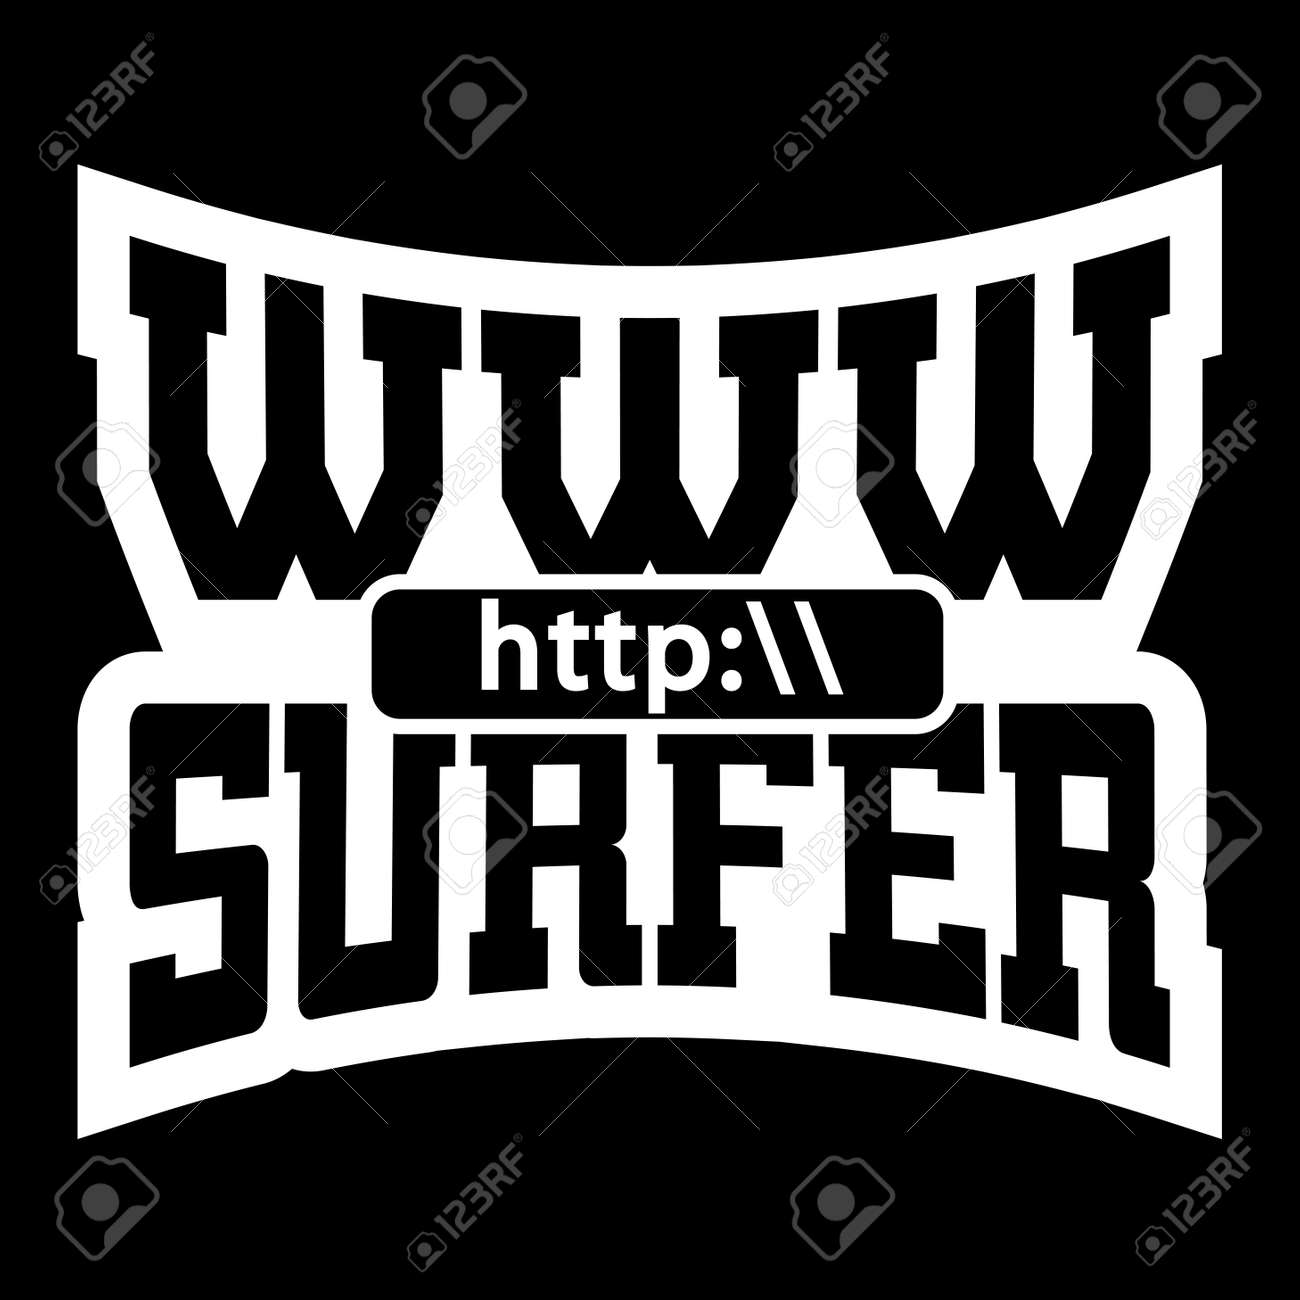 Www Internet Surfer Gráficos Camiseta Tipografía. Maqueta Con La ...